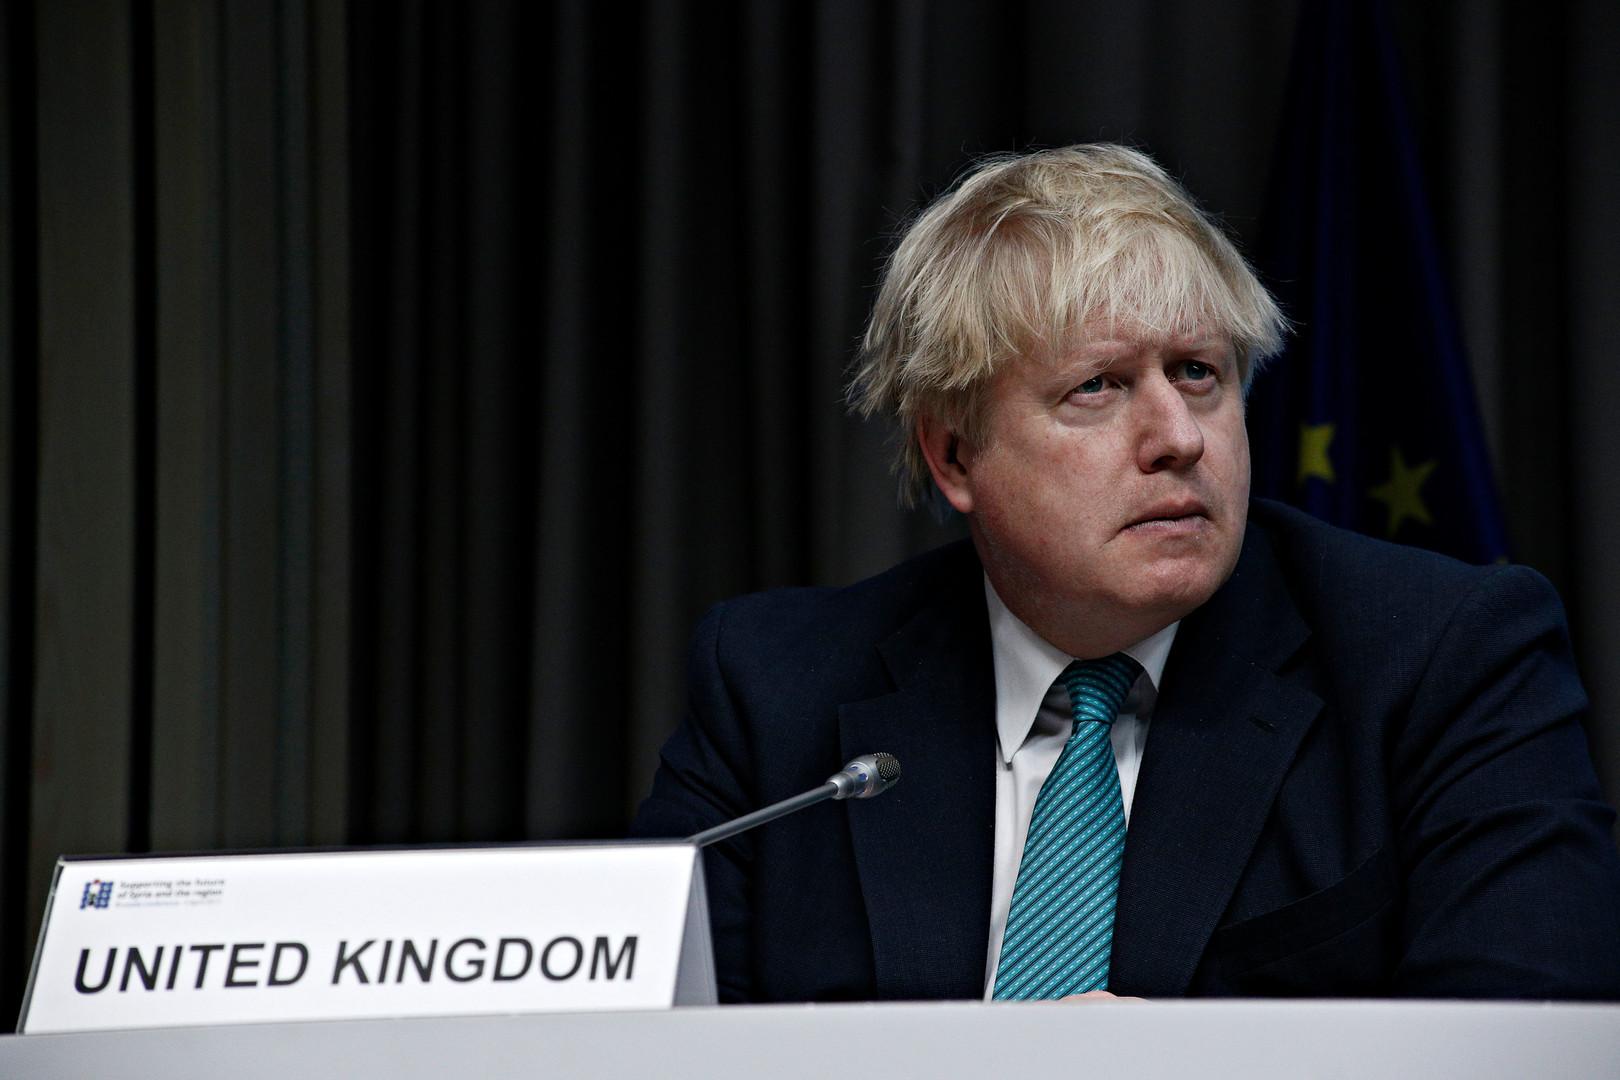 СМИ: Джонсон намерен добиваться новых санкций против России